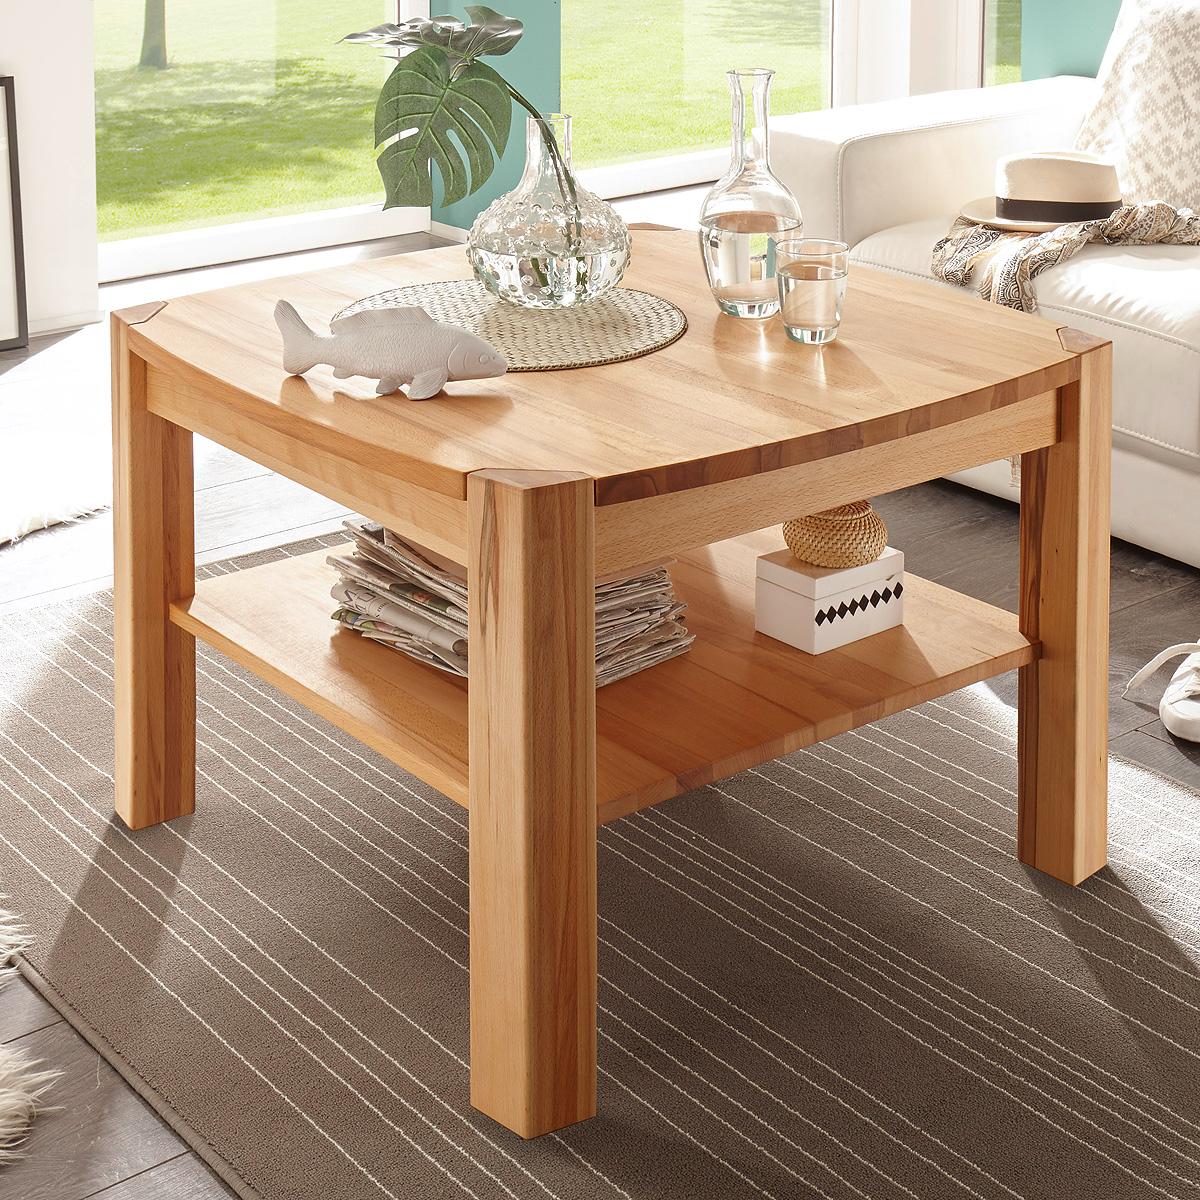 couchtisch kalipso beistelltisch tisch kernbuche oder asteiche massiv ge lt ebay. Black Bedroom Furniture Sets. Home Design Ideas